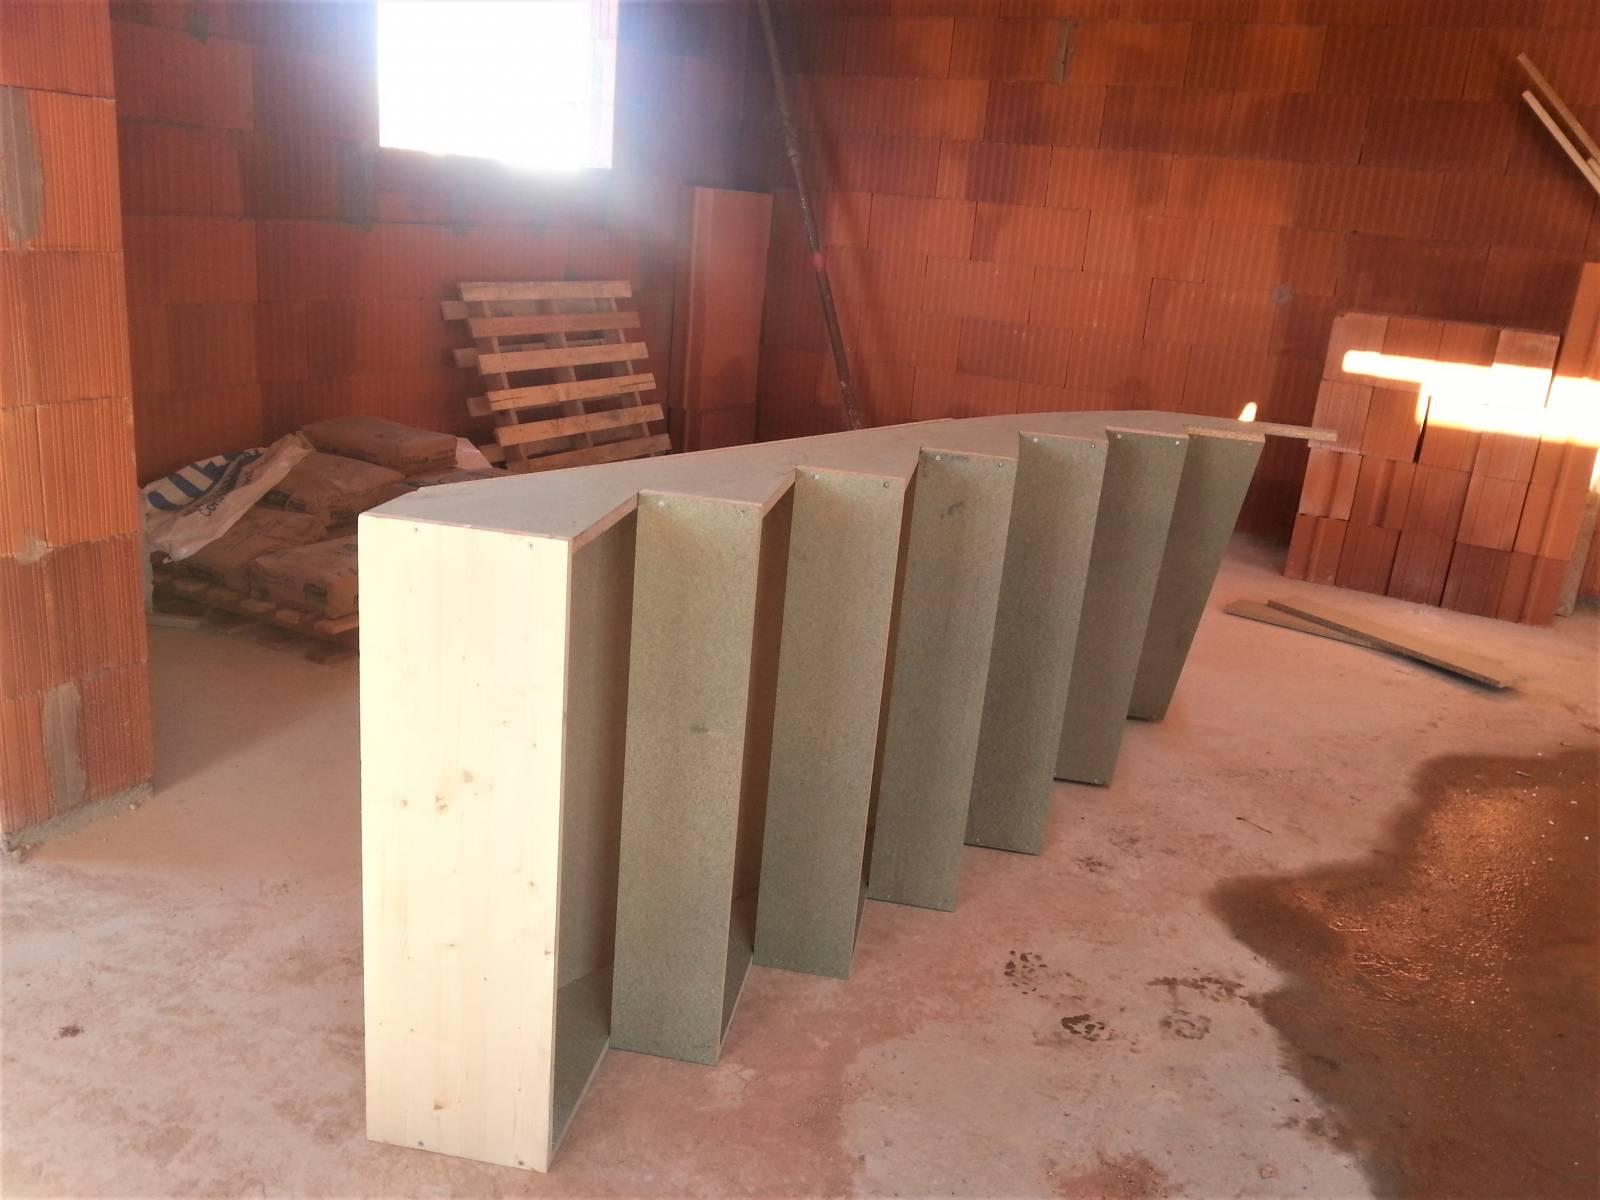 coffrages escaliers b ton atelier des escaliers aubaret. Black Bedroom Furniture Sets. Home Design Ideas